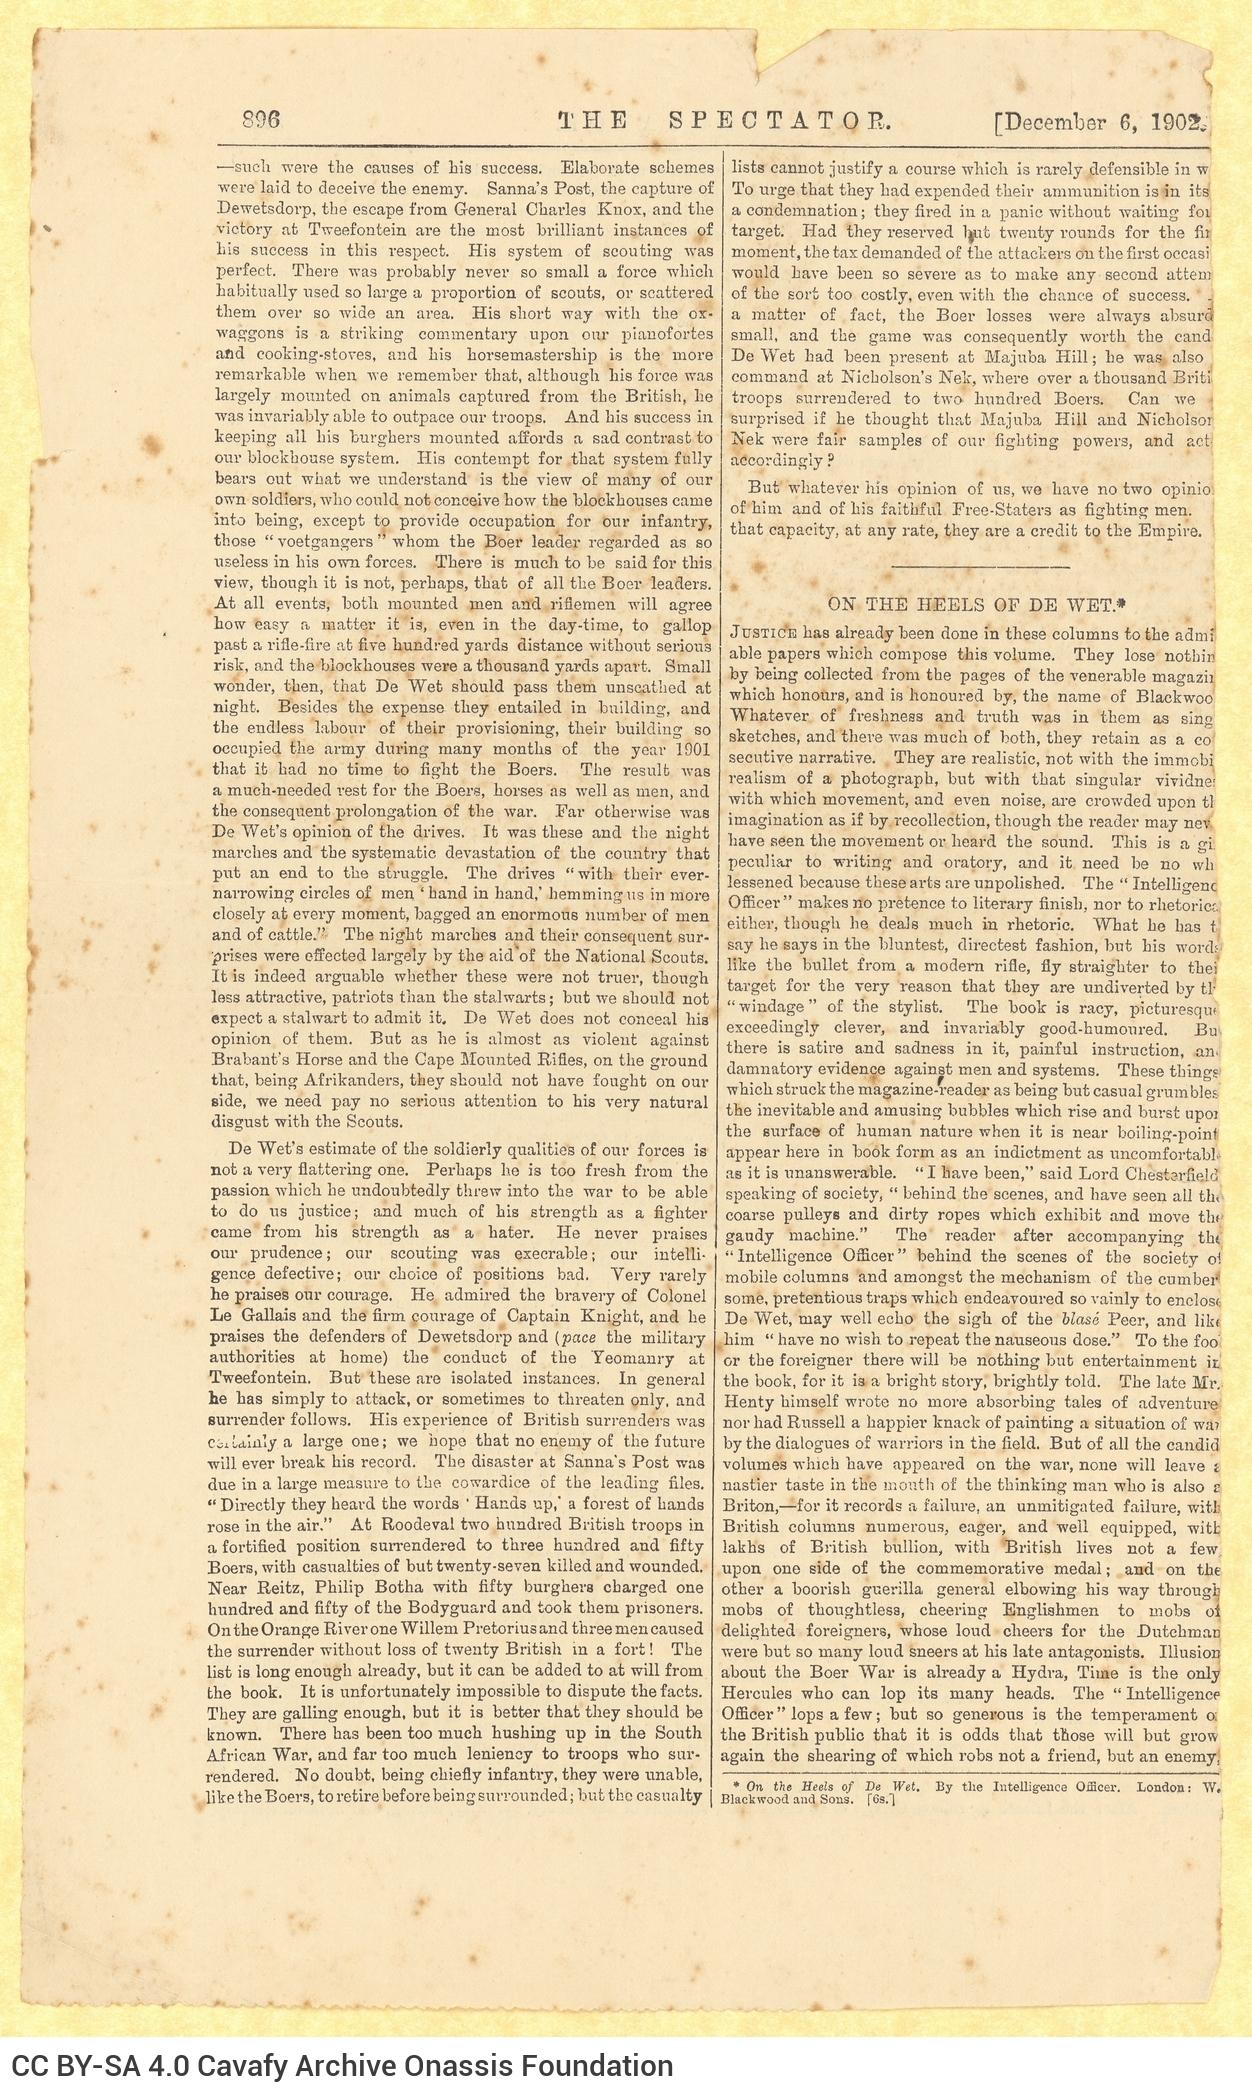 Απόκομμα του βρετανικού περιοδικού *The Spectator*, σχετικό με τον Christiaan de W